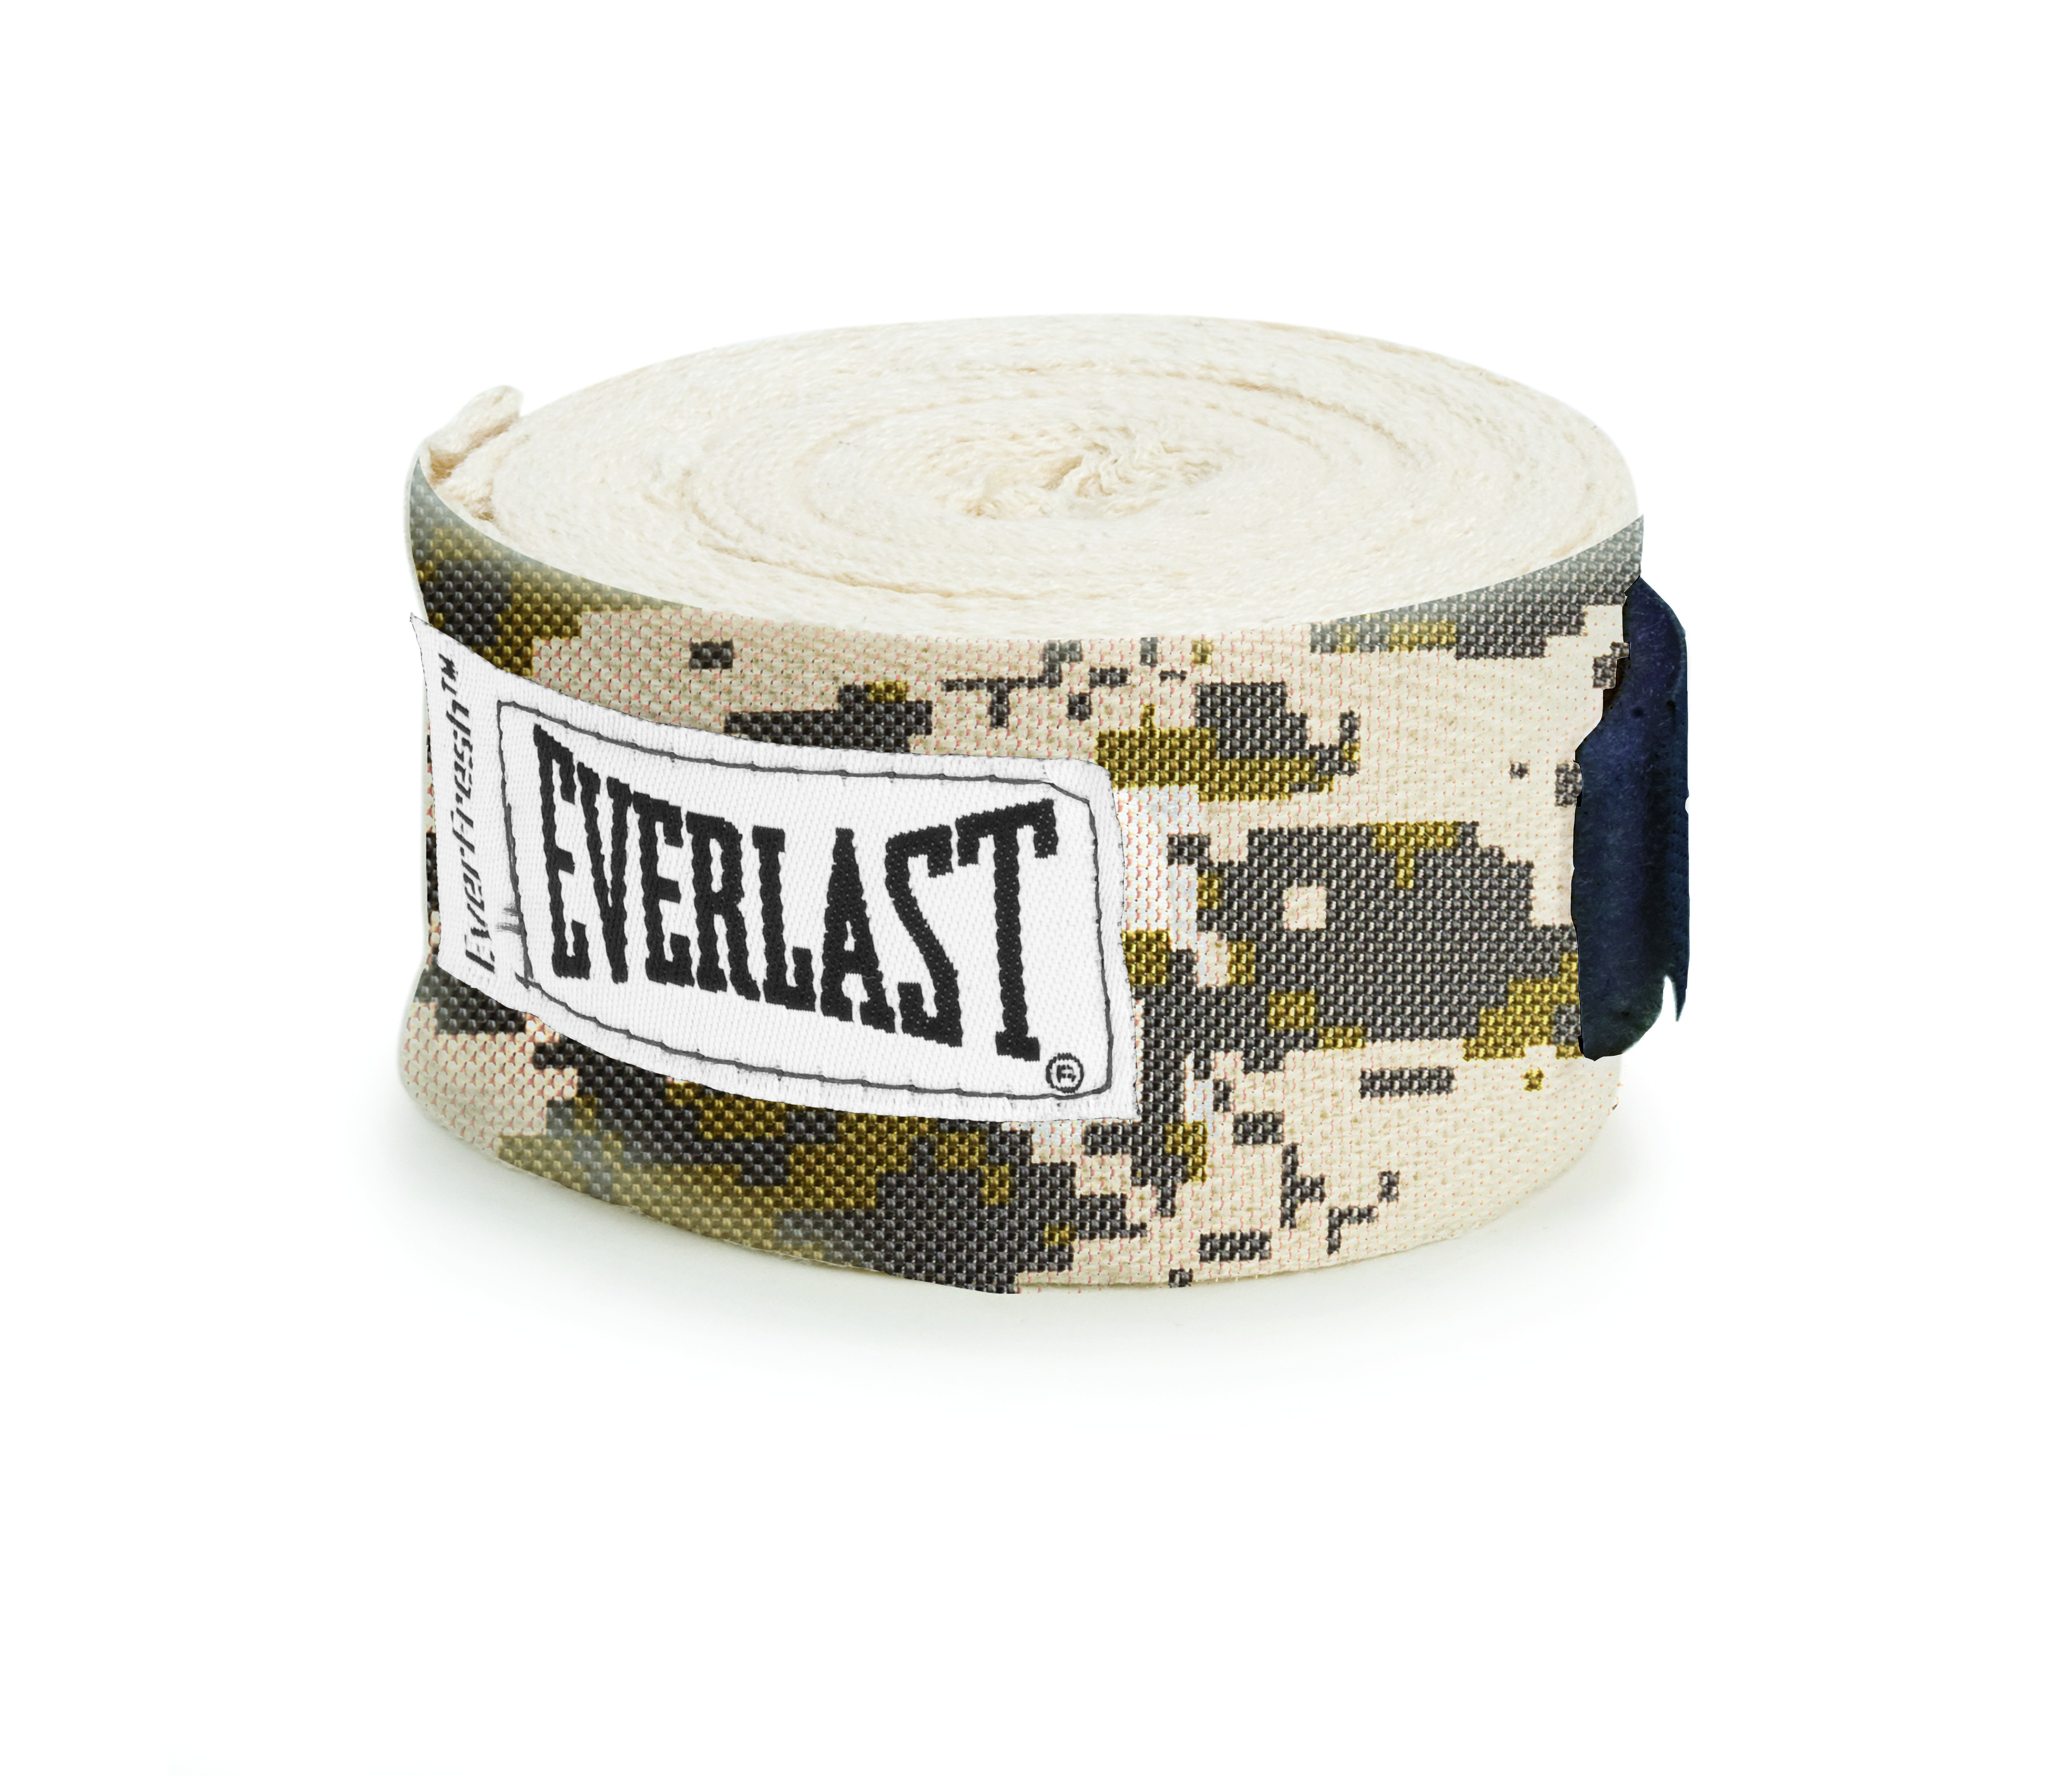 Бинт боксерский Everlast, цвет: милитари, длина 4,55 м1300005Бинт боксерский Everlast выполнен из нейлона и полиэстера, для оптимального растяжения. Снабжен удобной петлей для большого пальца и креплением липучка.